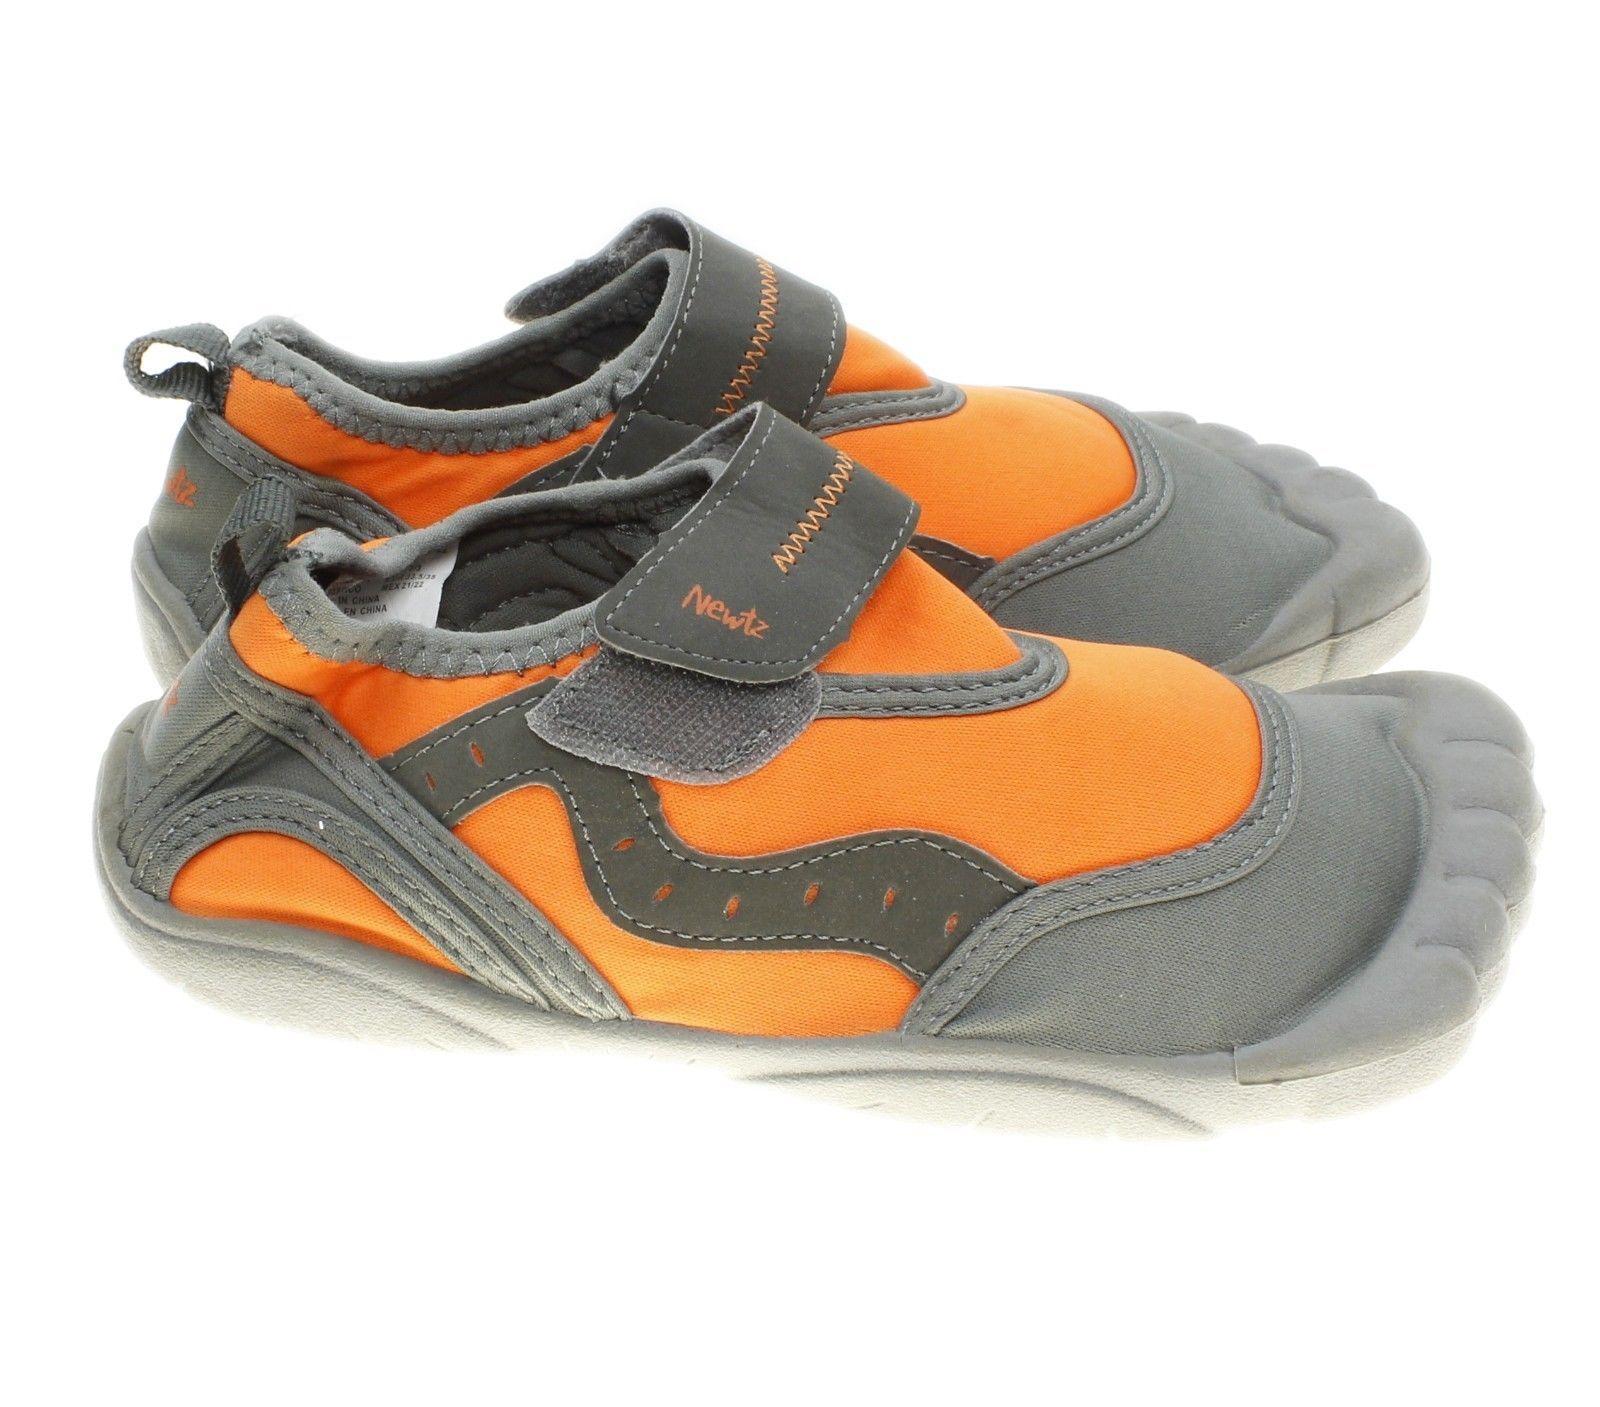 fe021a3e3ec5 Newtz Kids Toe Bumper Water Shoes - Size 2 3 Orange   Grey Worn Once